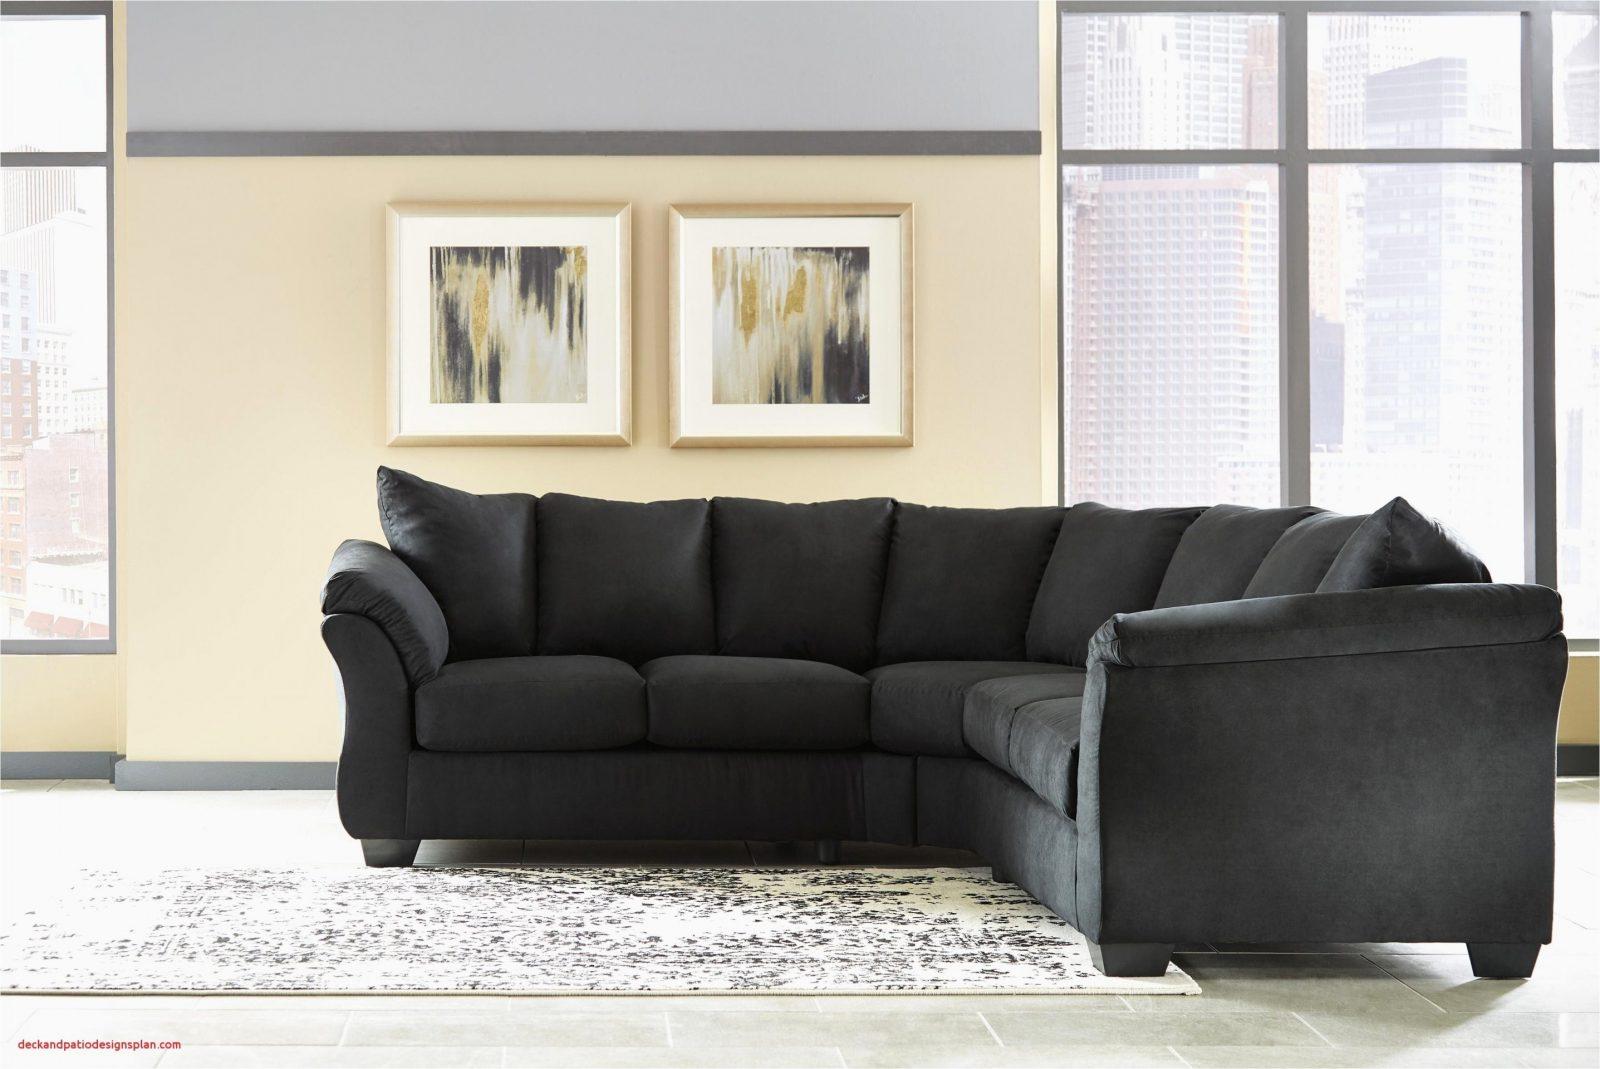 Couch Schlaffunktion Inspirierend Sofas Im Landhausstil Das Beste von Ecksofa Mit Schlaffunktion Landhausstil Bild